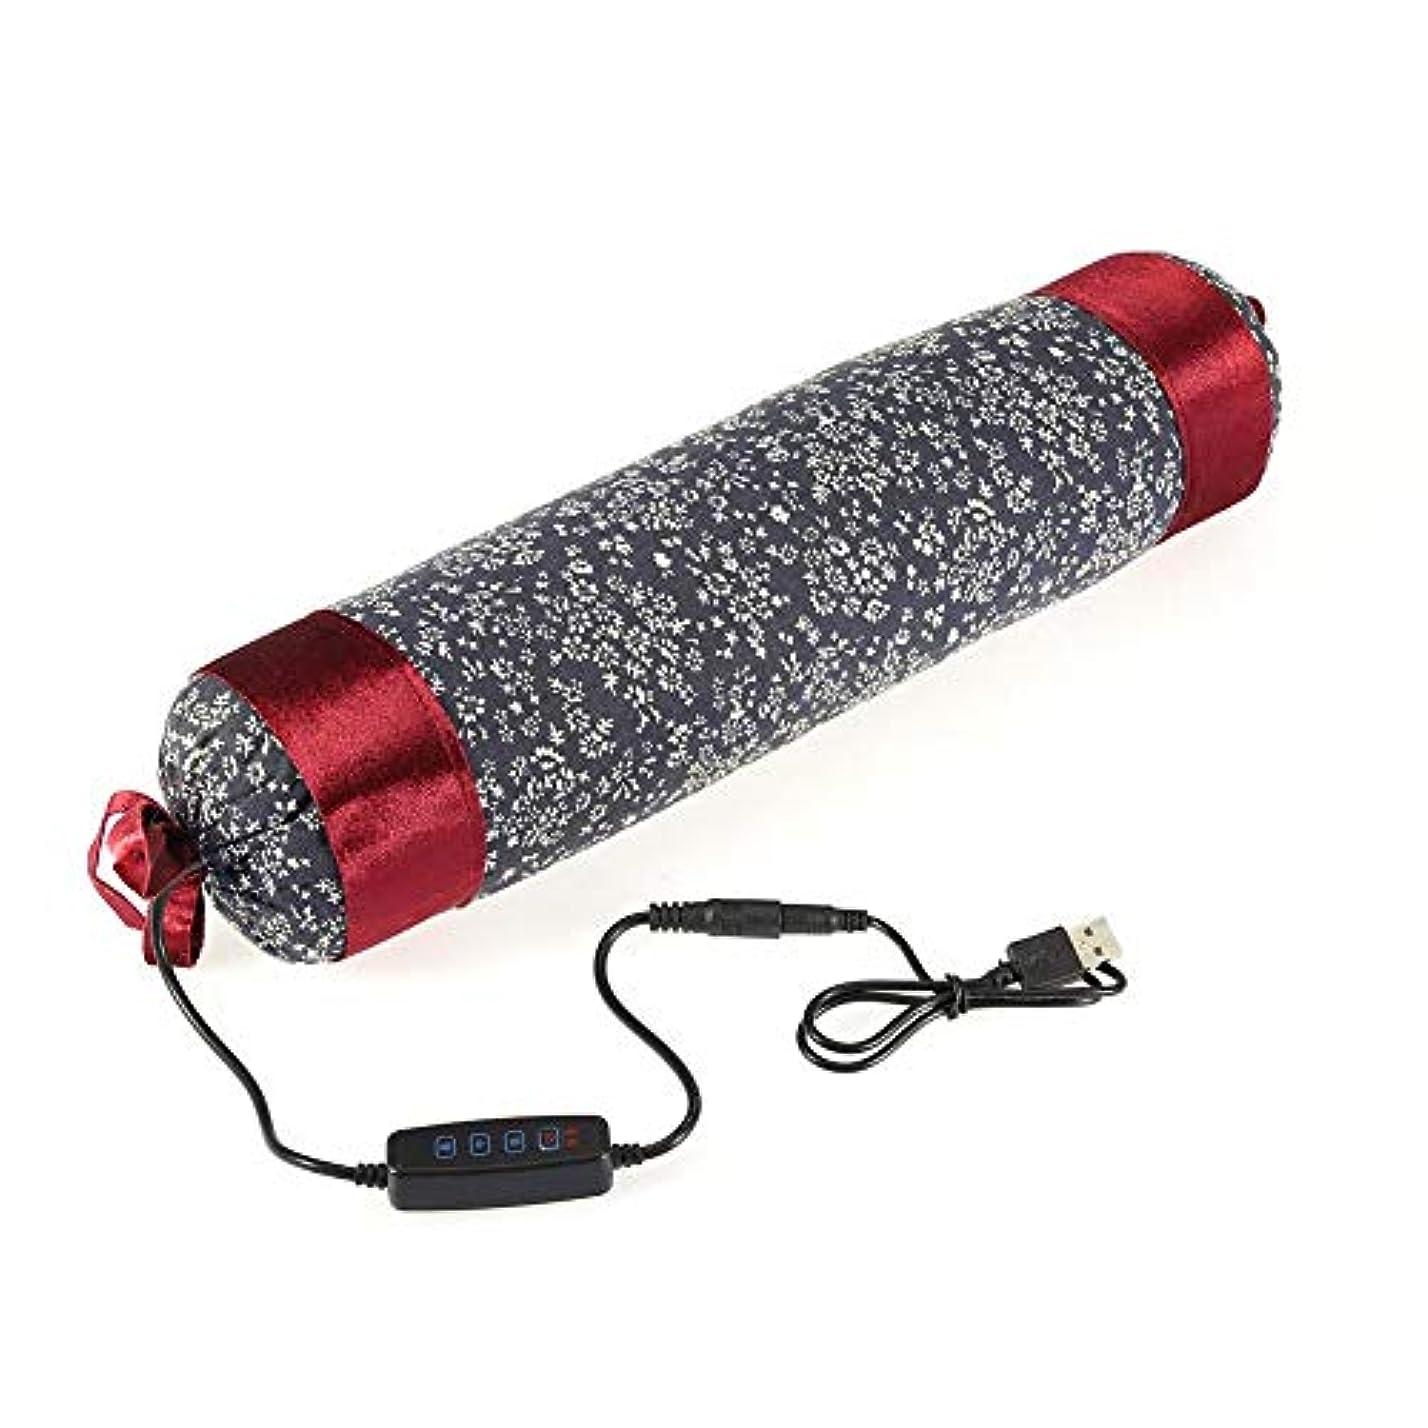 強化会員やさしい首頸部電気枕加熱家庭用肩マッサージ痛み疲労のための枕加熱灸